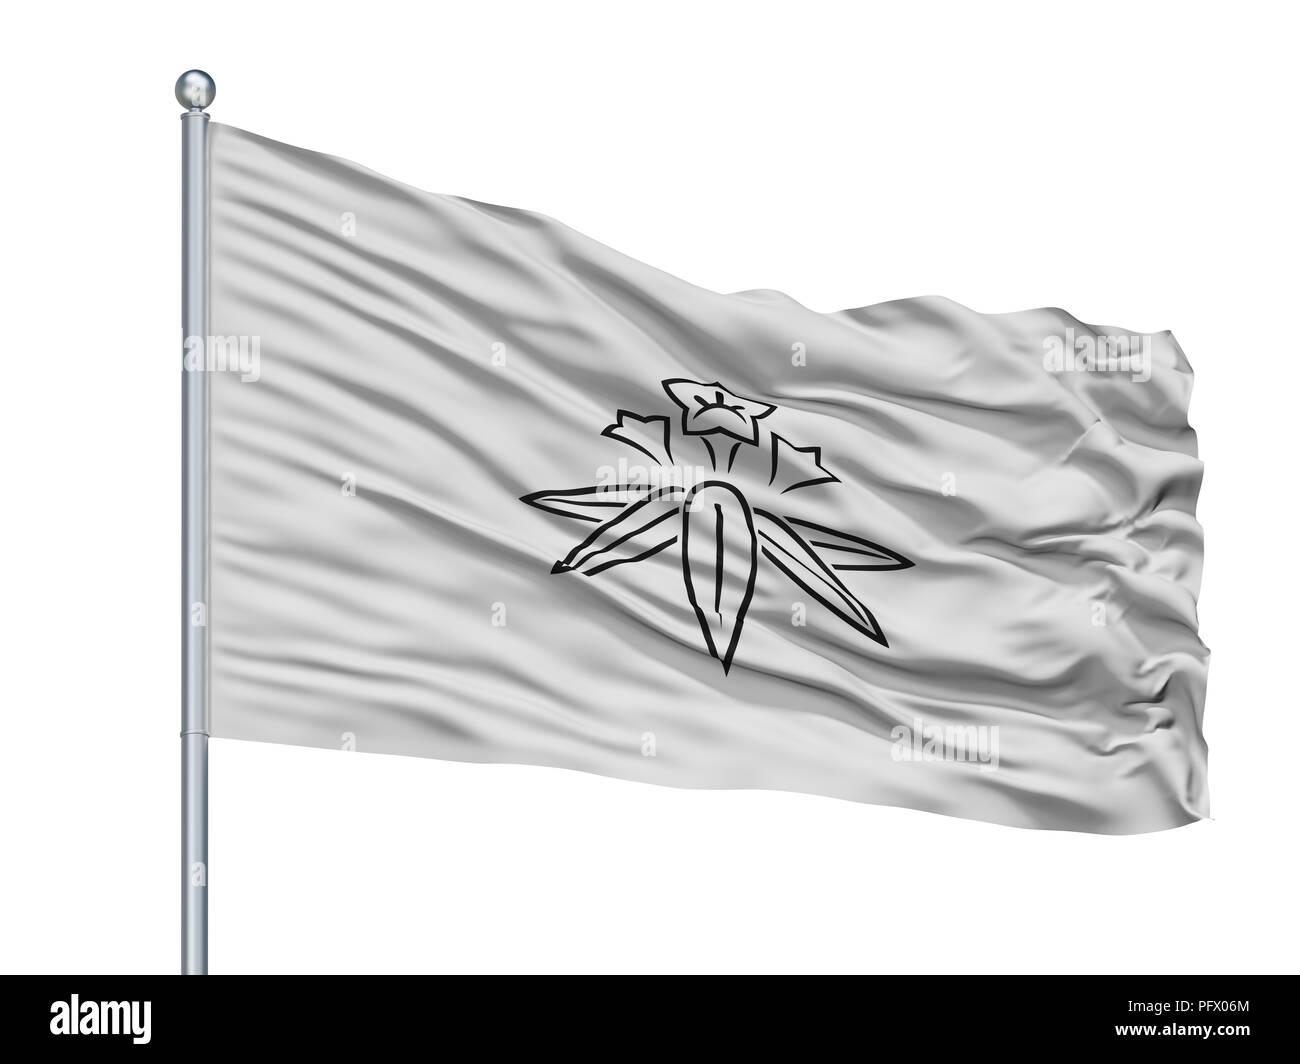 Kamakura City Flag On Flagpole, Japan, Kanagawa Prefecture, Isolated On White Background - Stock Image